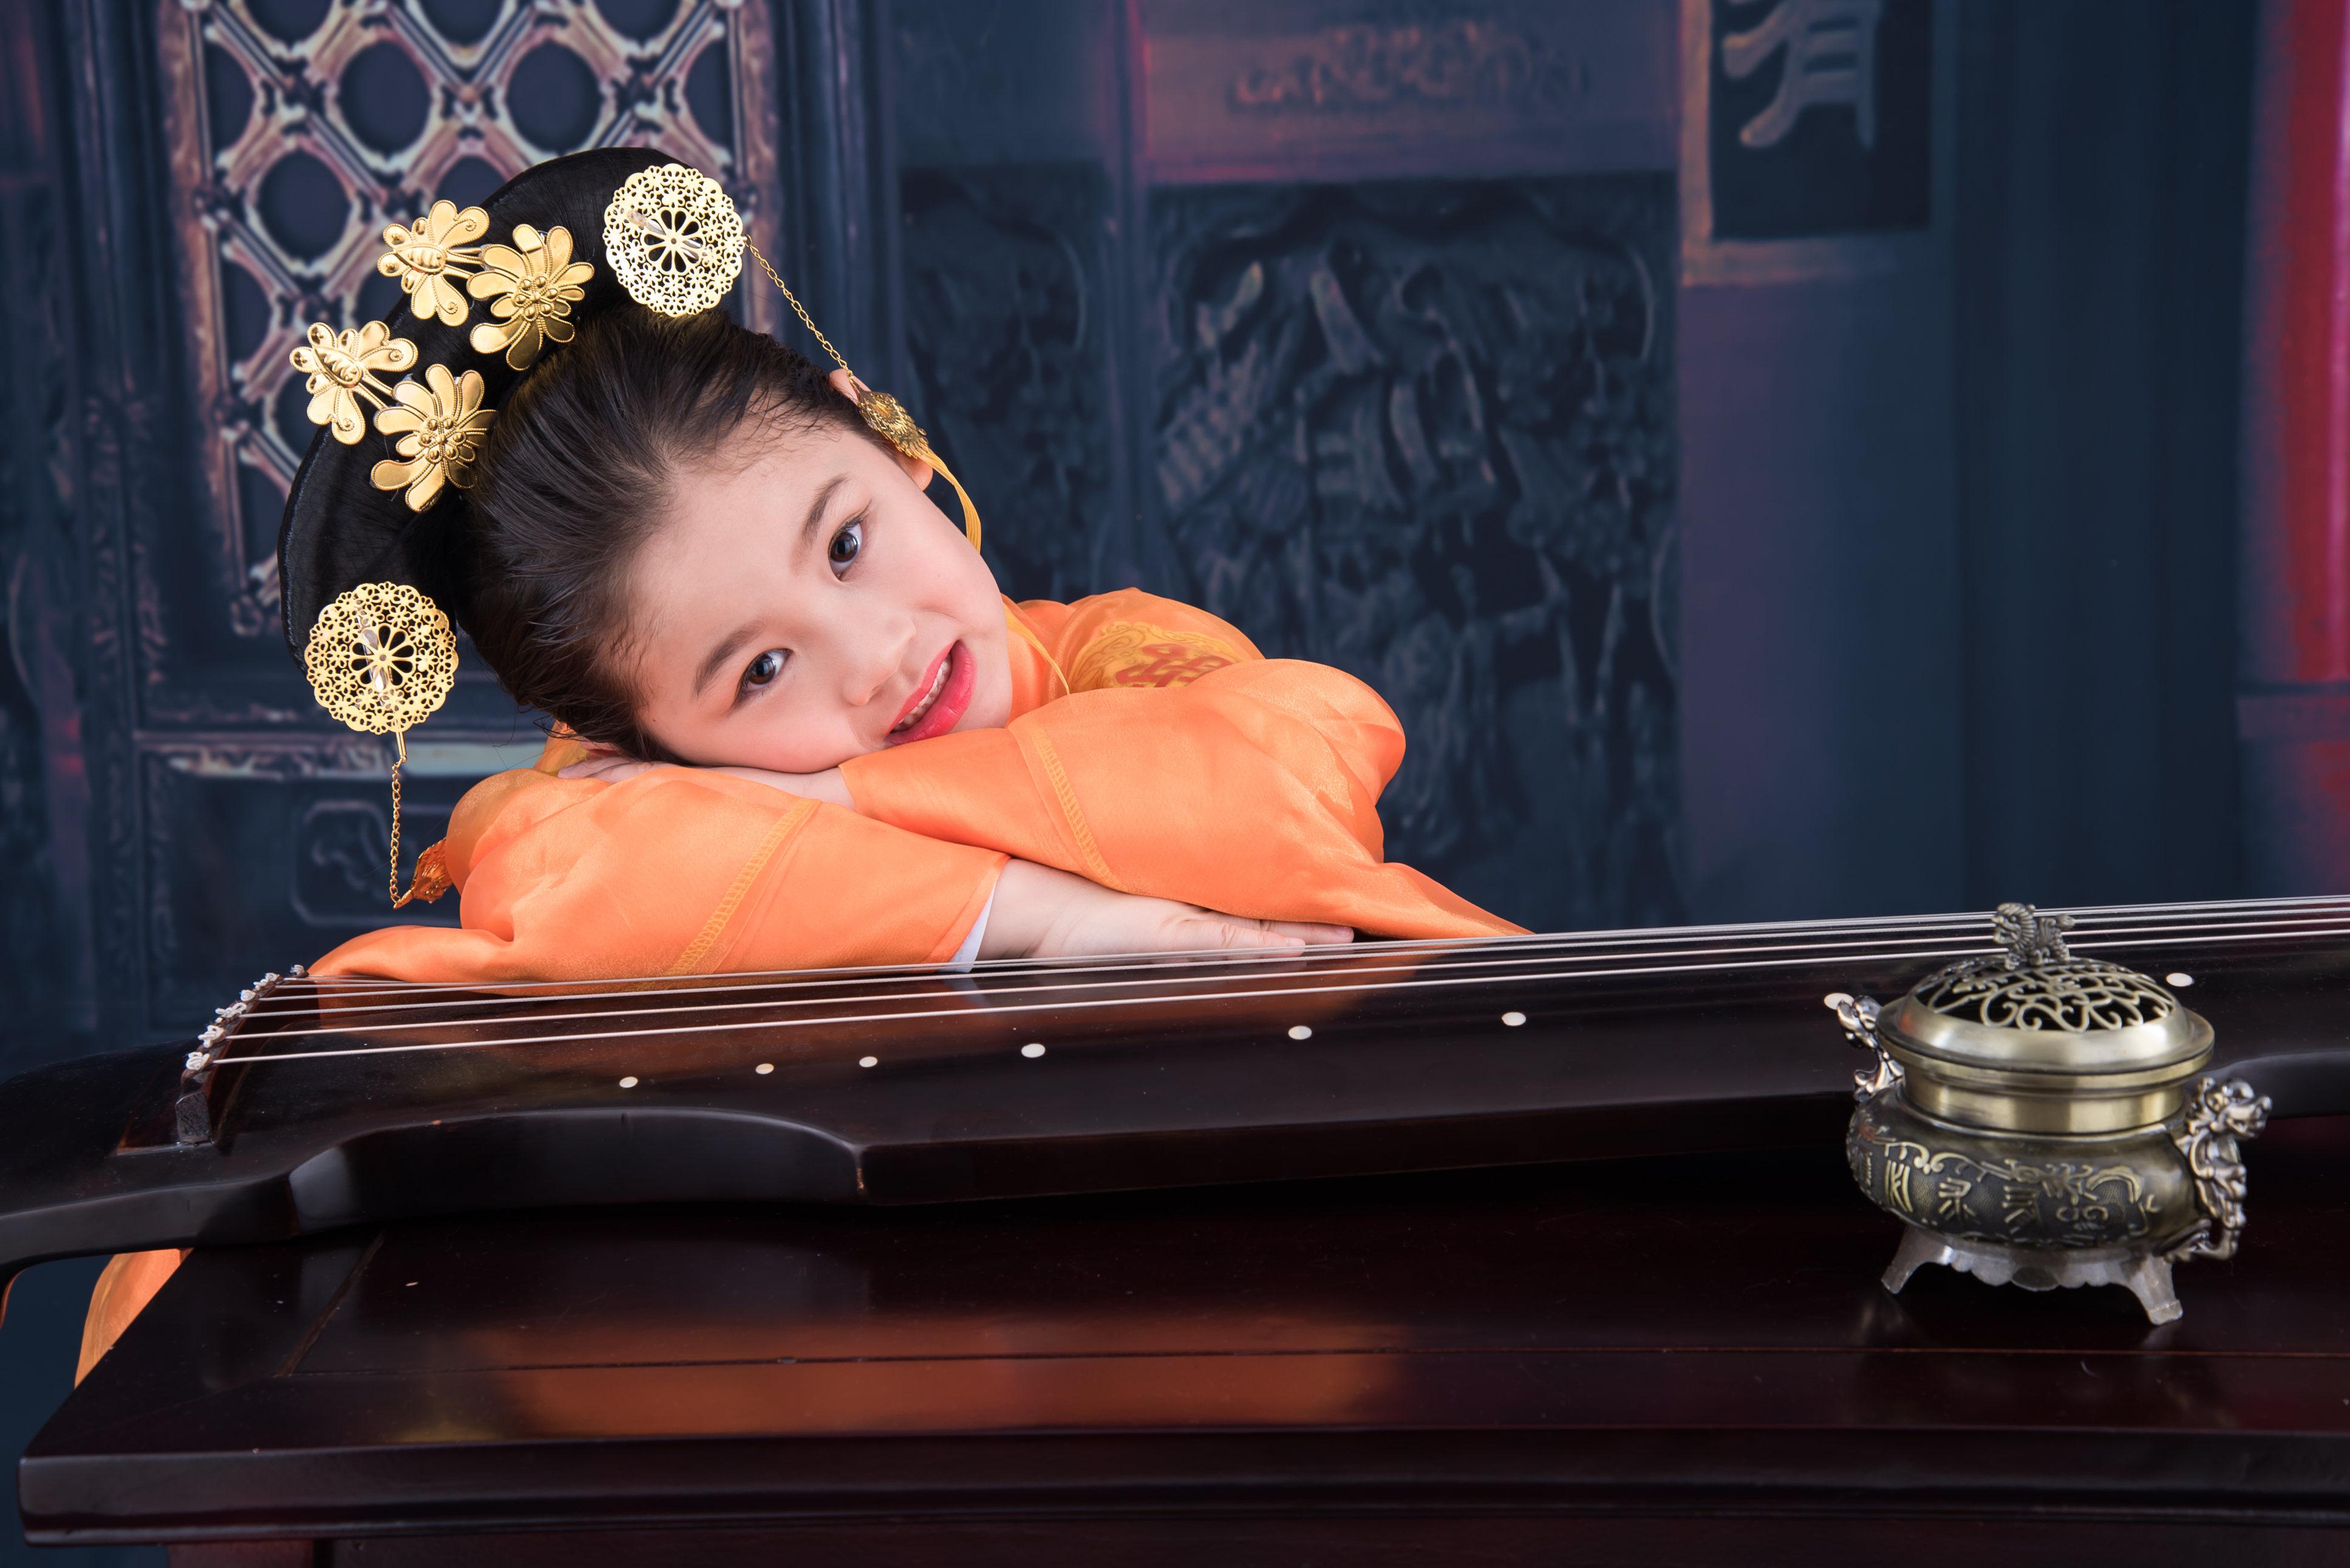 谷米2020年2月27日练习古筝《秋夜思》